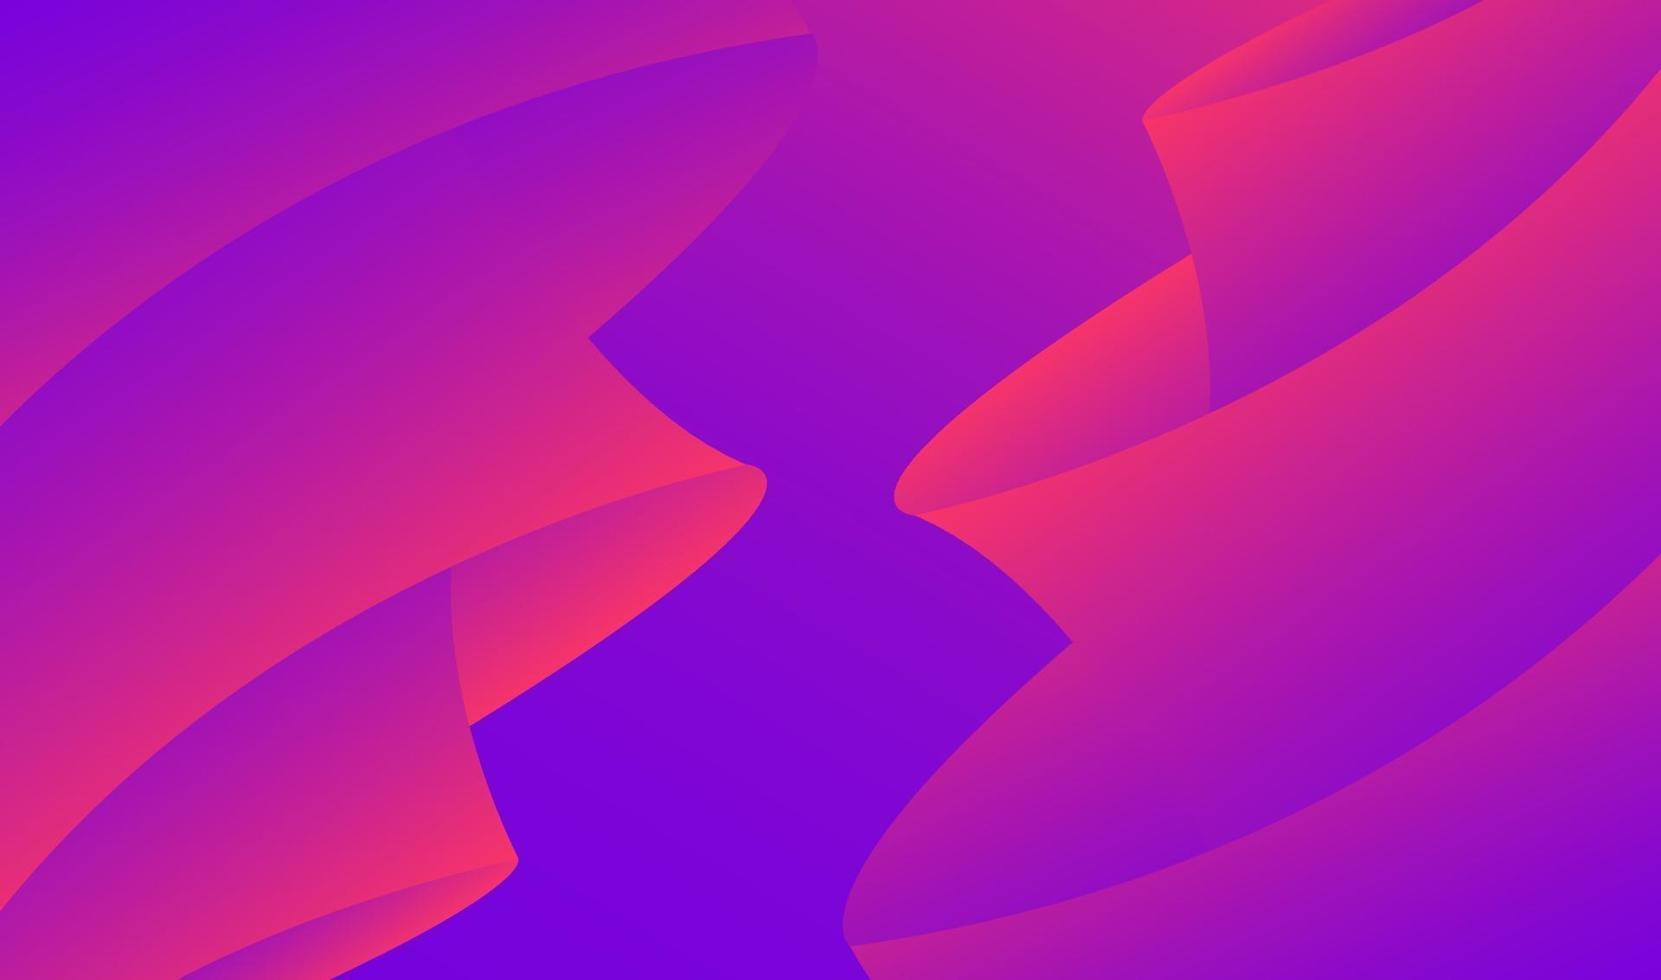 modern abstrakt gradient geometrisk bakgrund. lämplig för tapet, banner, bakgrund, kort, bokillustration, målsida, gåva, omslag, flygblad, rapport, affär, sociala medier, vektor